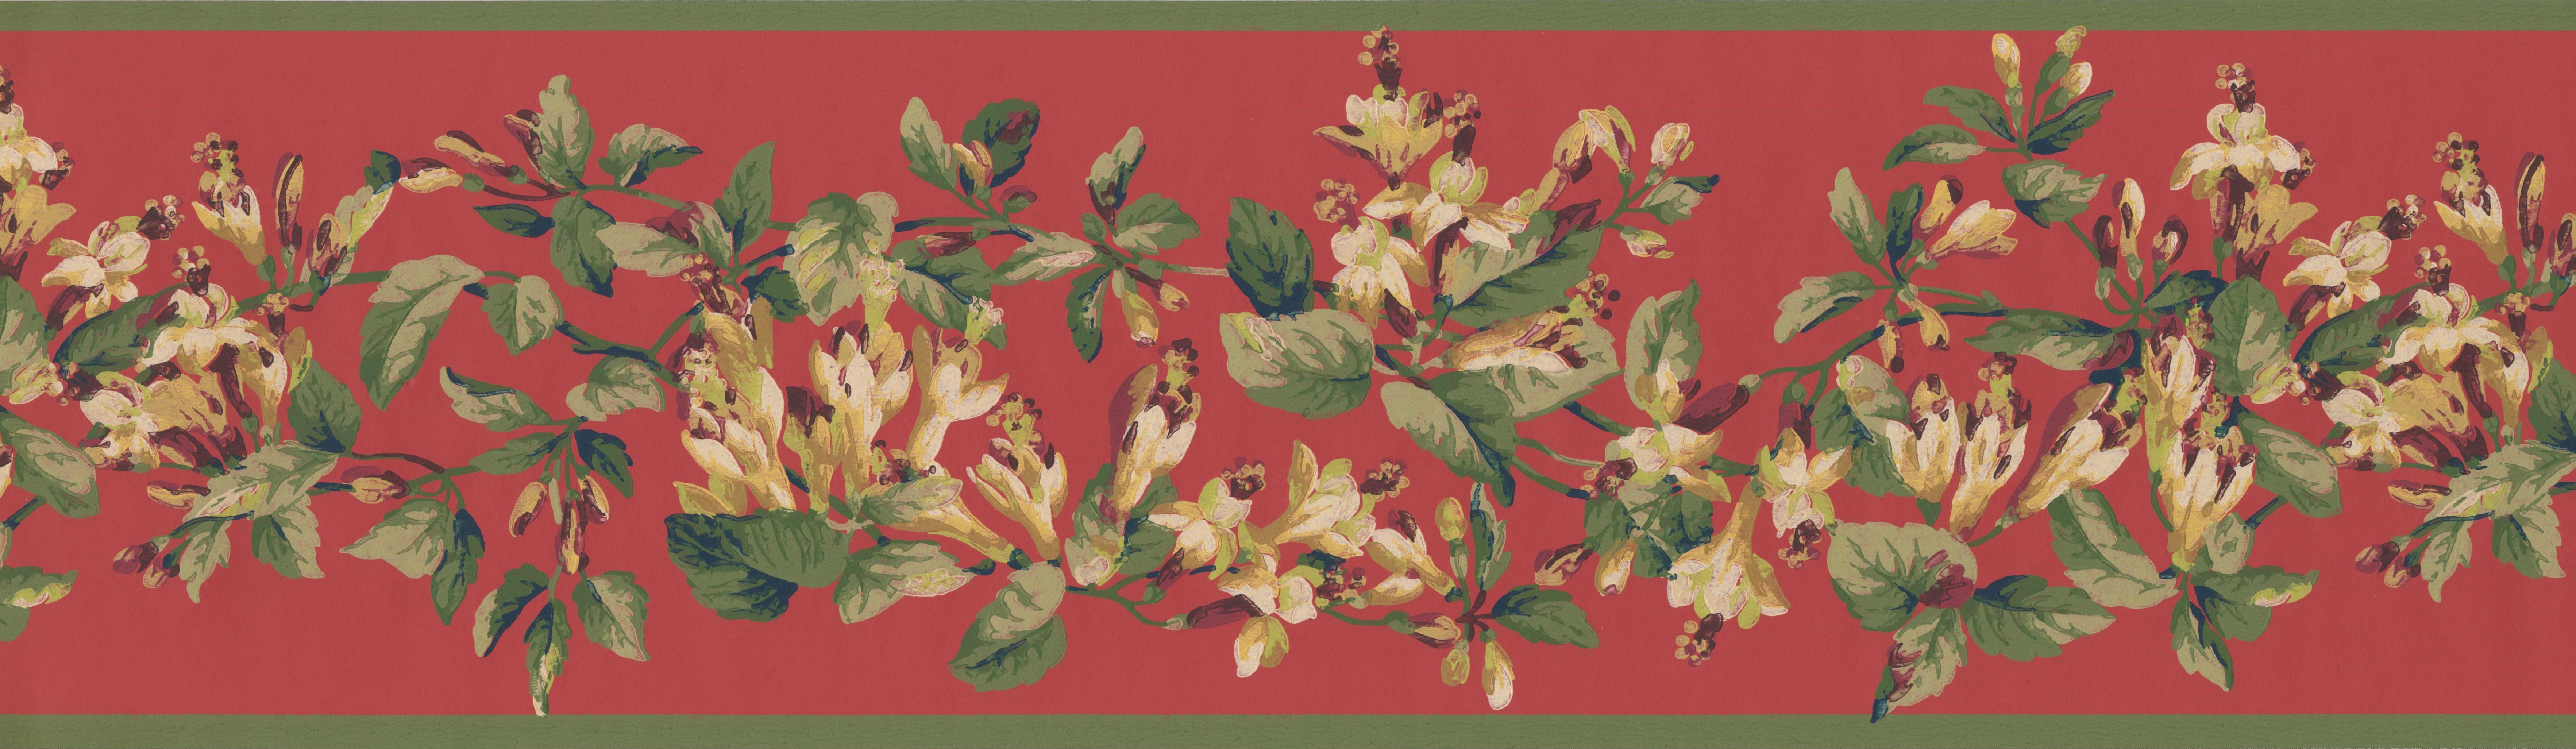 White Garnet Red Flowers On Vine Crimson Floral Wallpaper Border